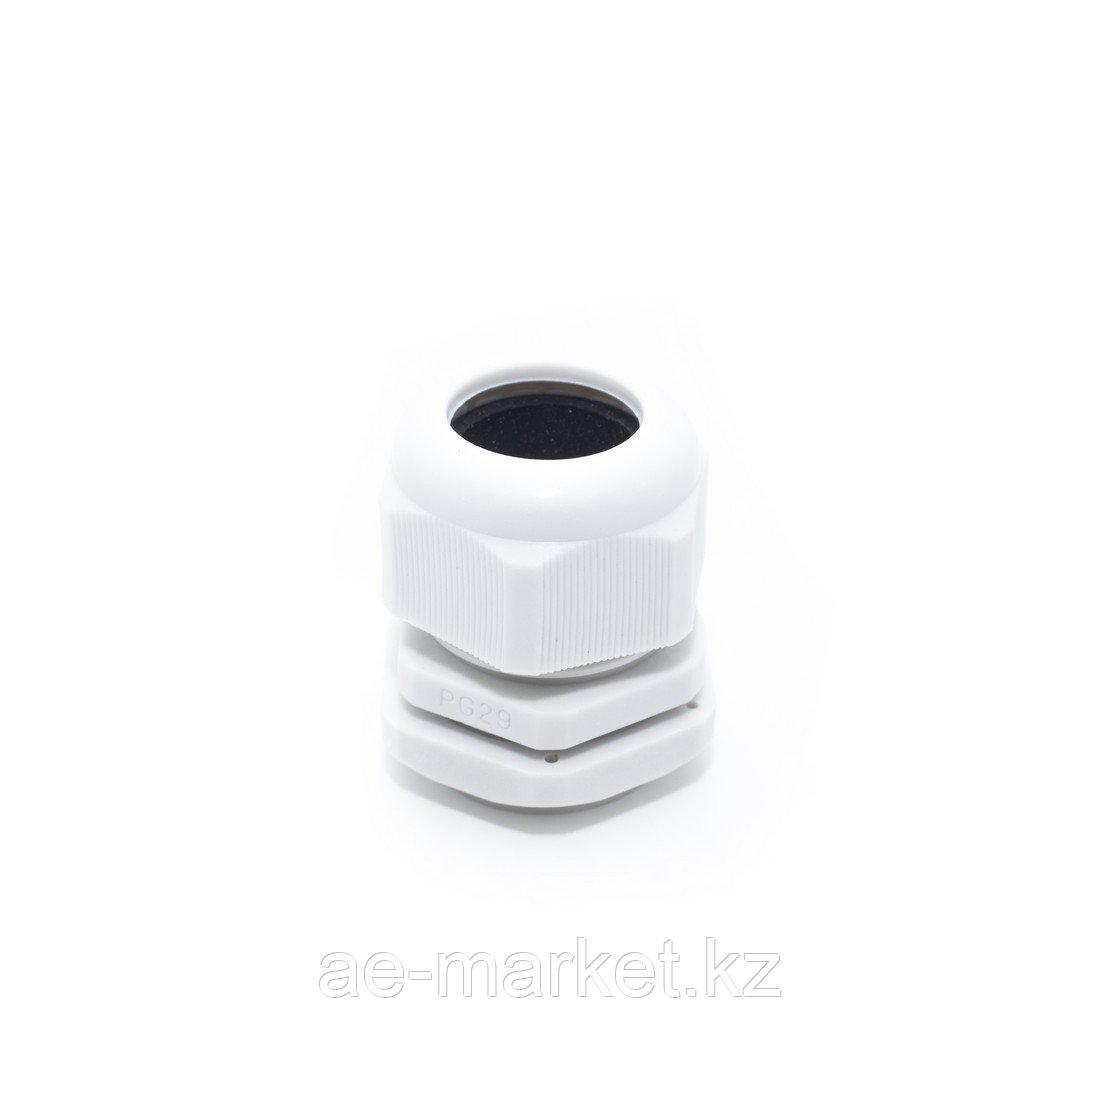 Фитинг для защиты проводов Deluxe MG 25 (10~16 мм)